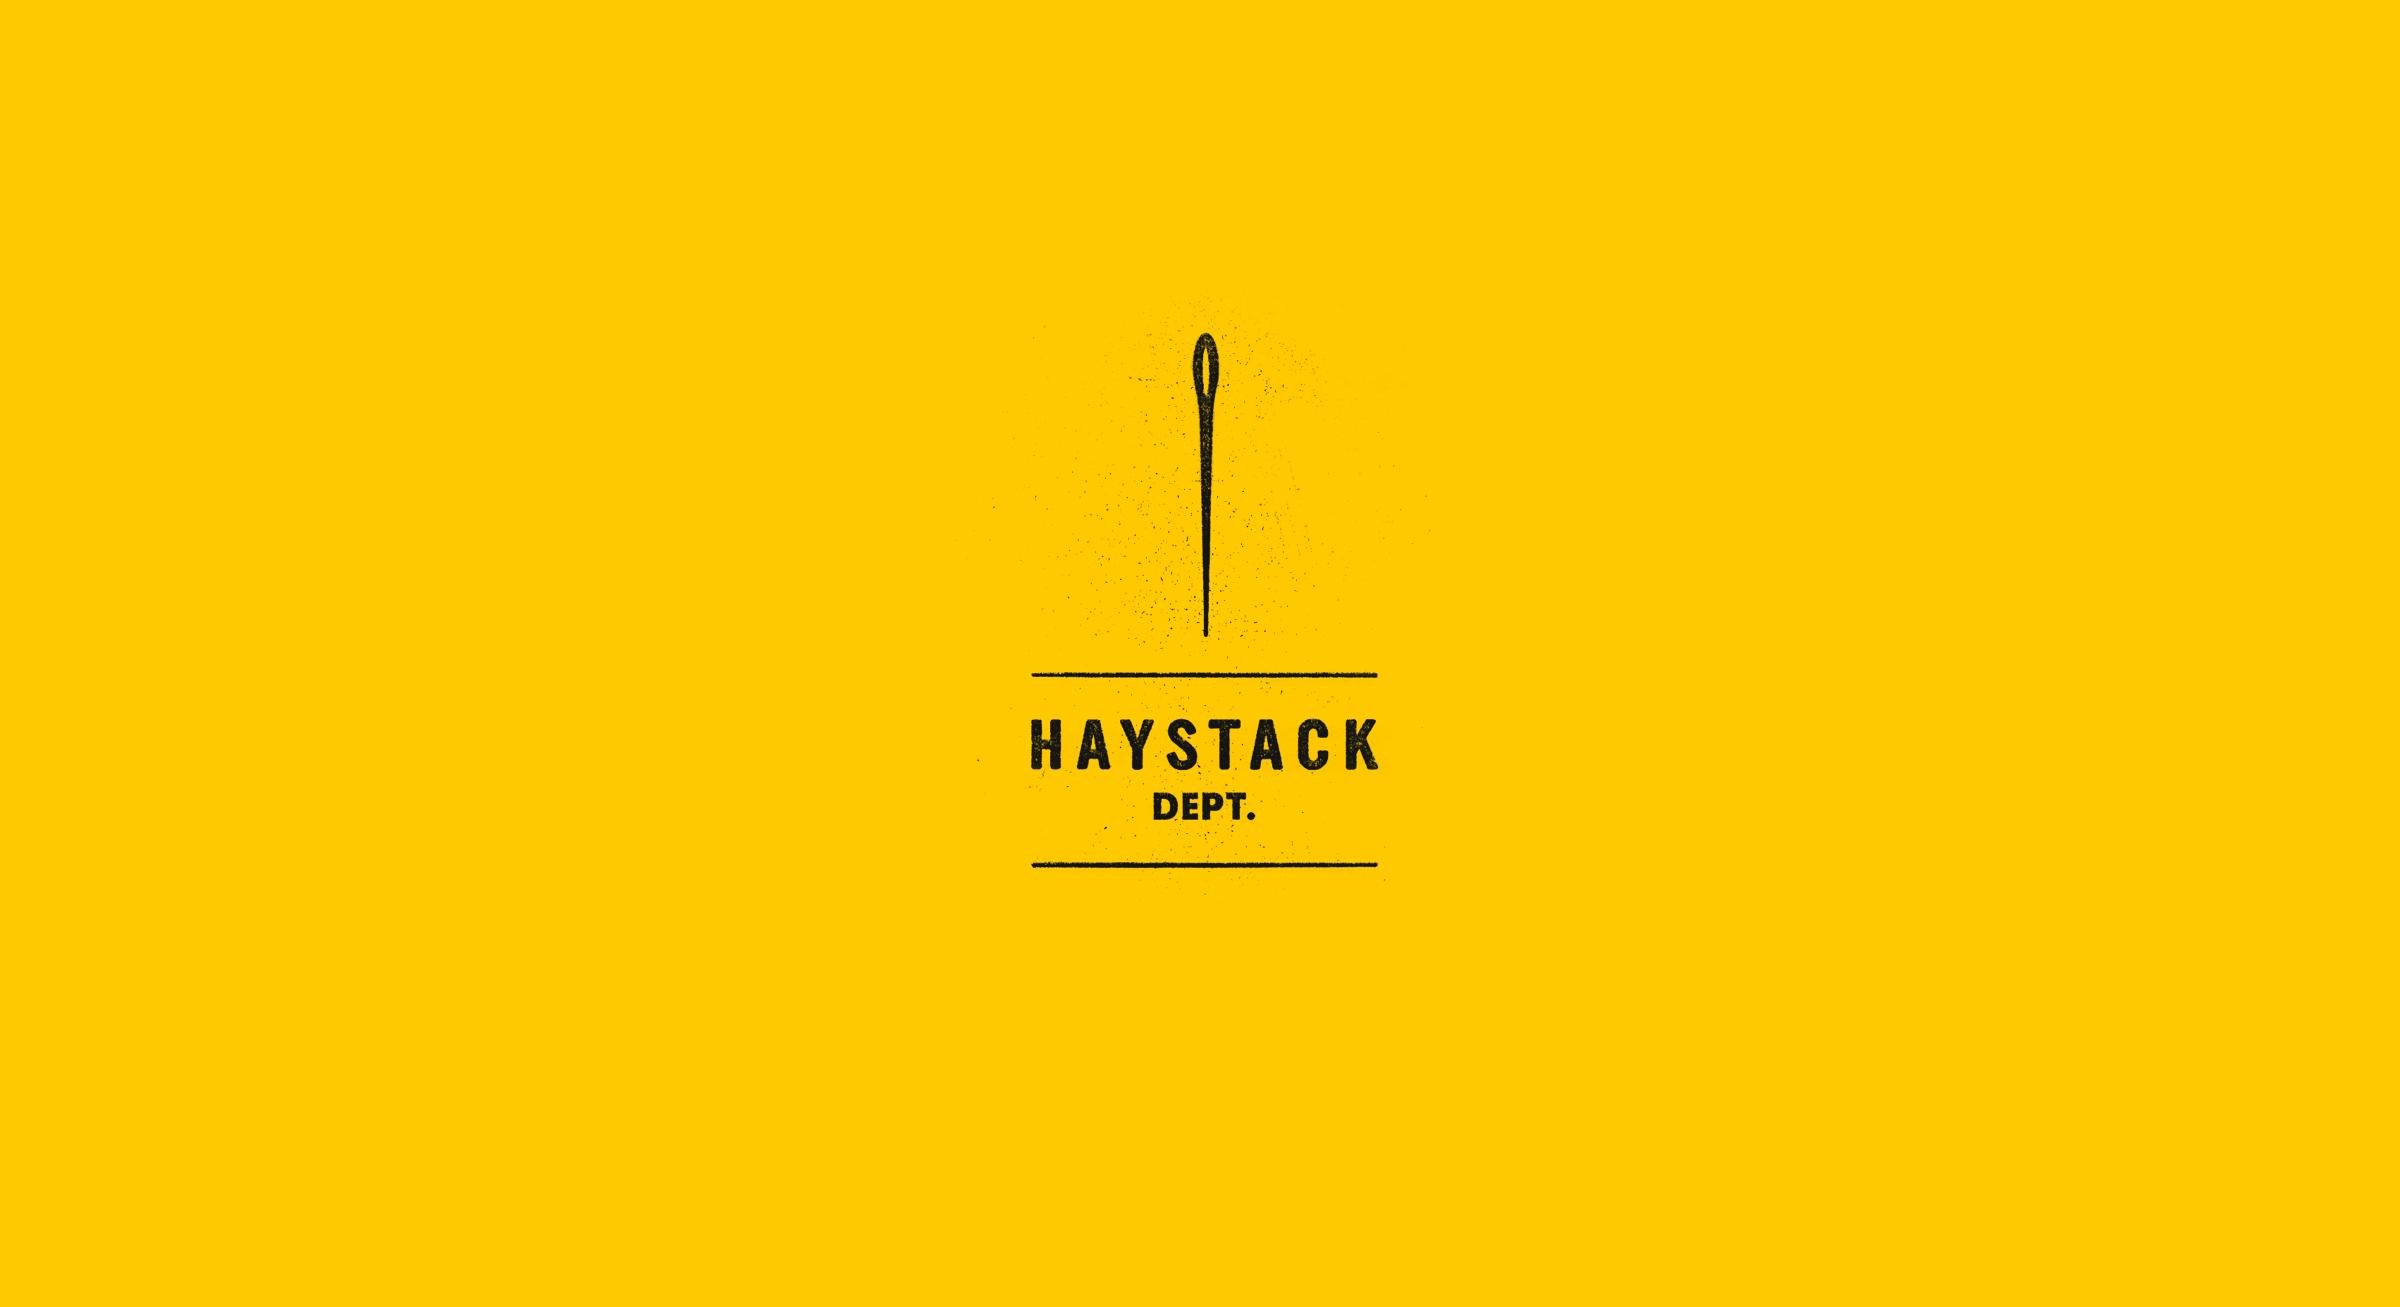 HaystackDept_Branding_McQuade_Design_5.jpg